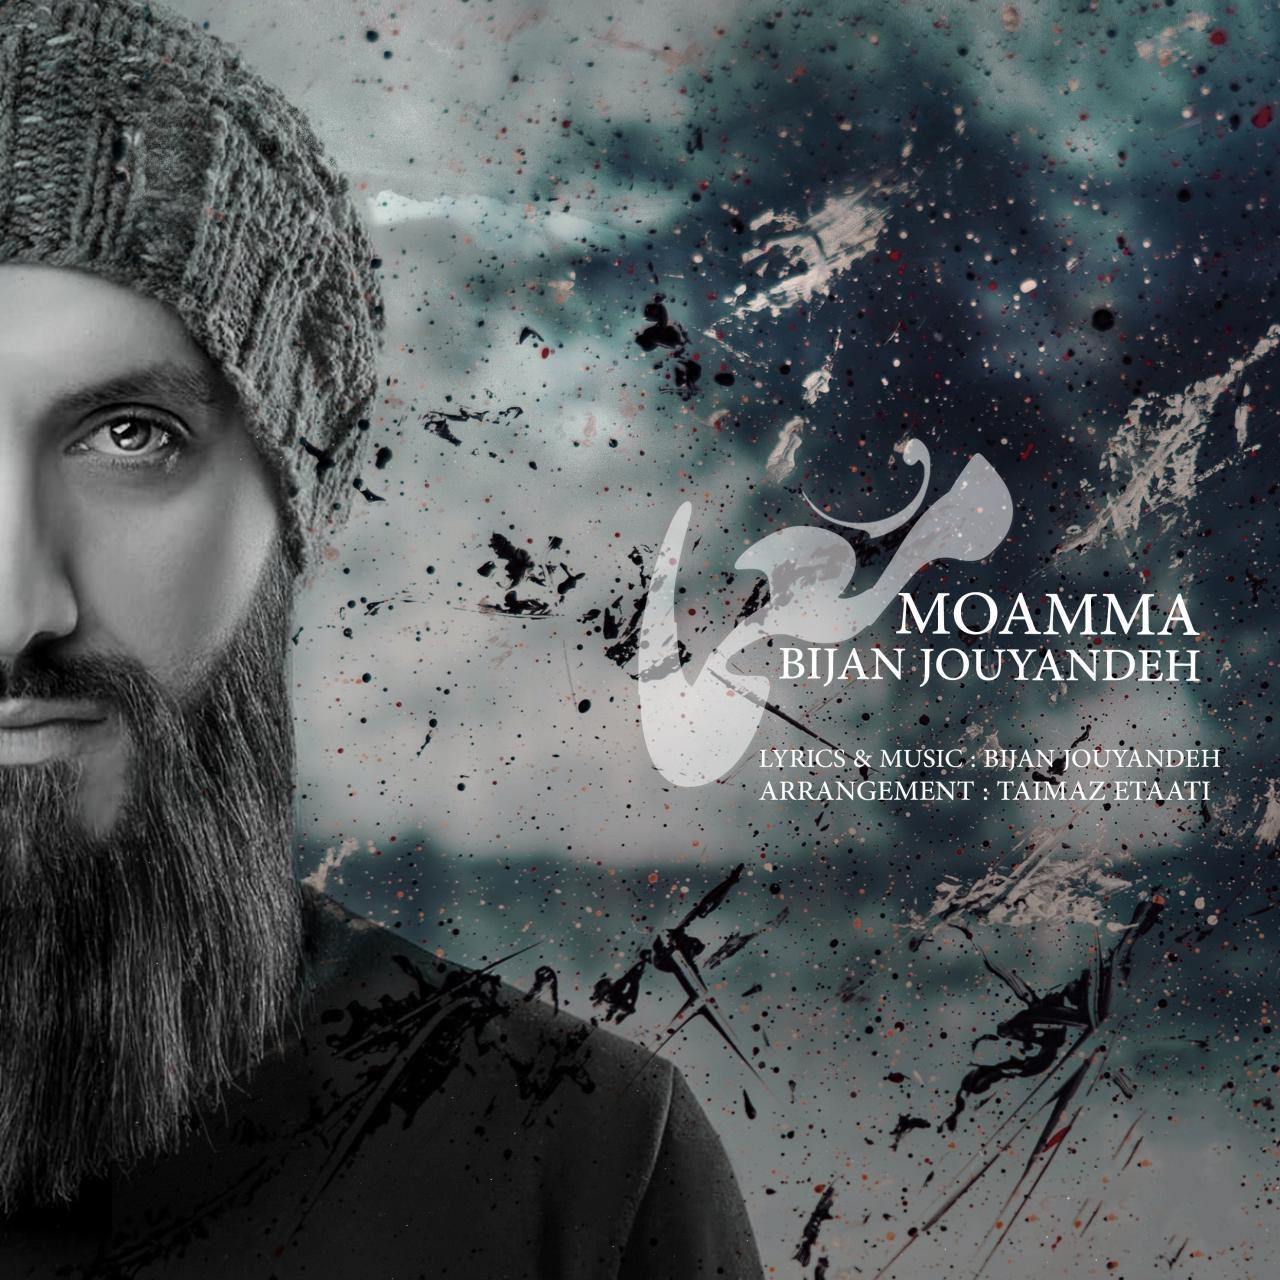 Bijan Jouyandeh – Moamma